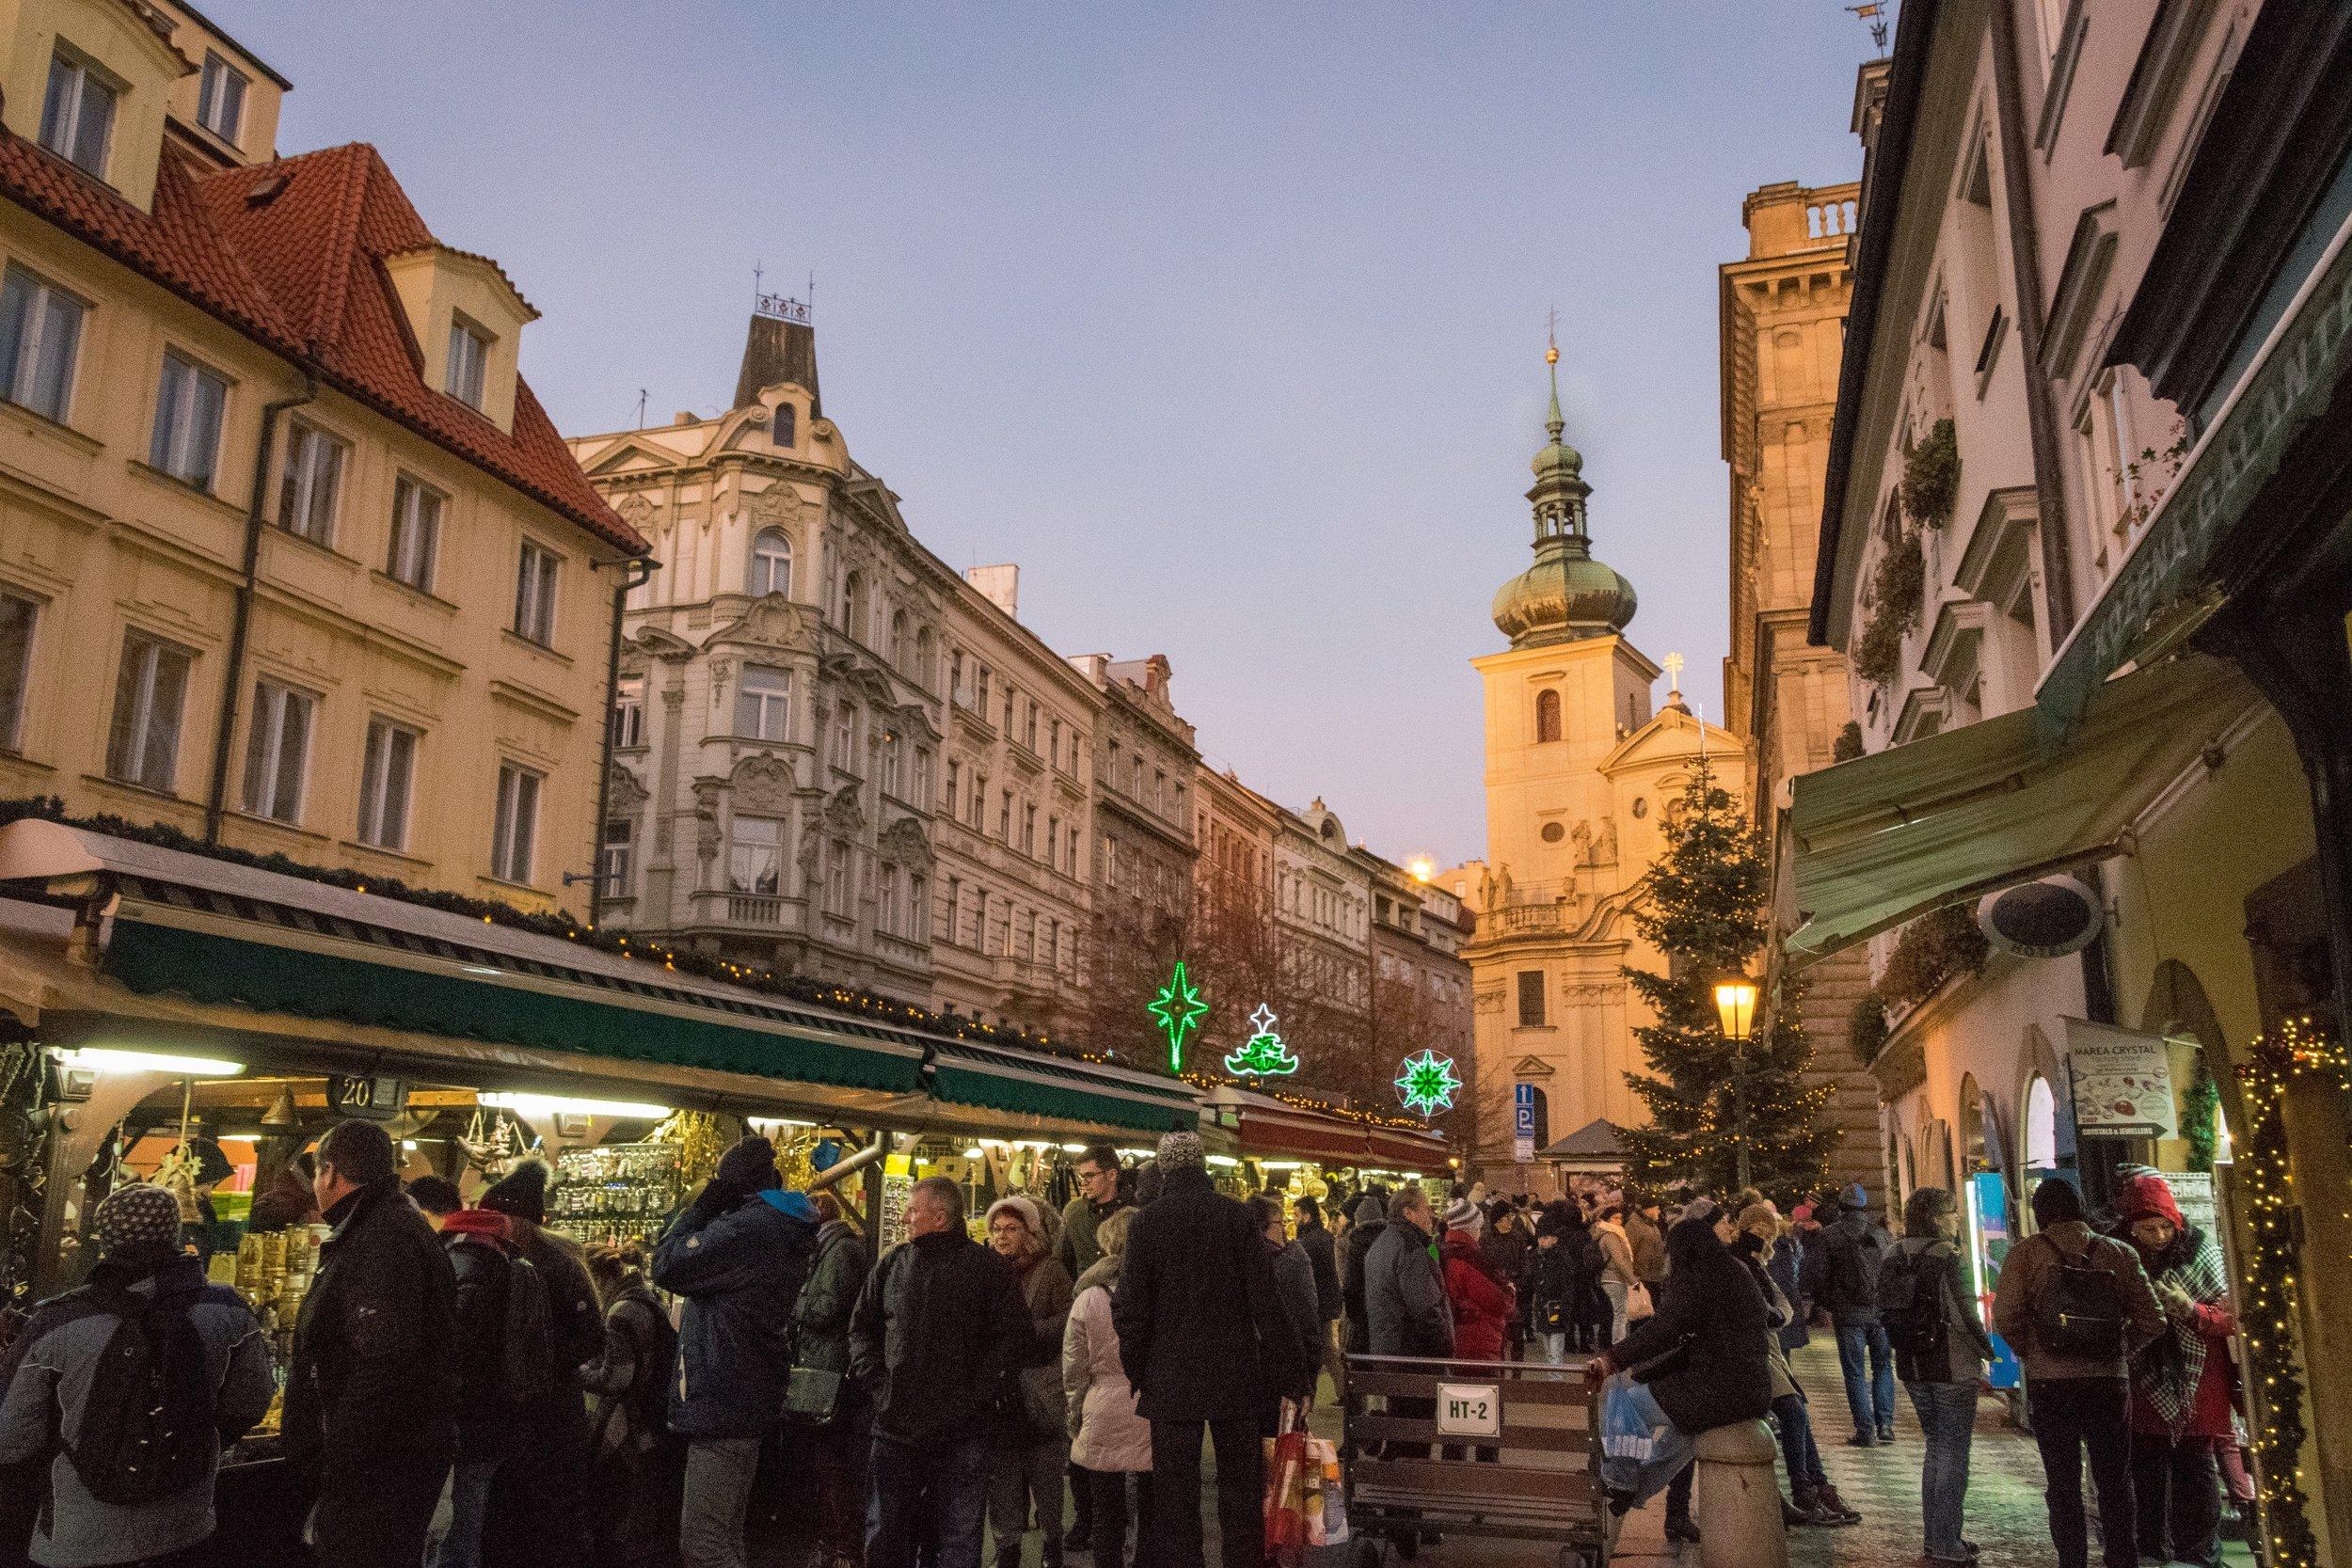 at Havel's Market (Havelske trziste)